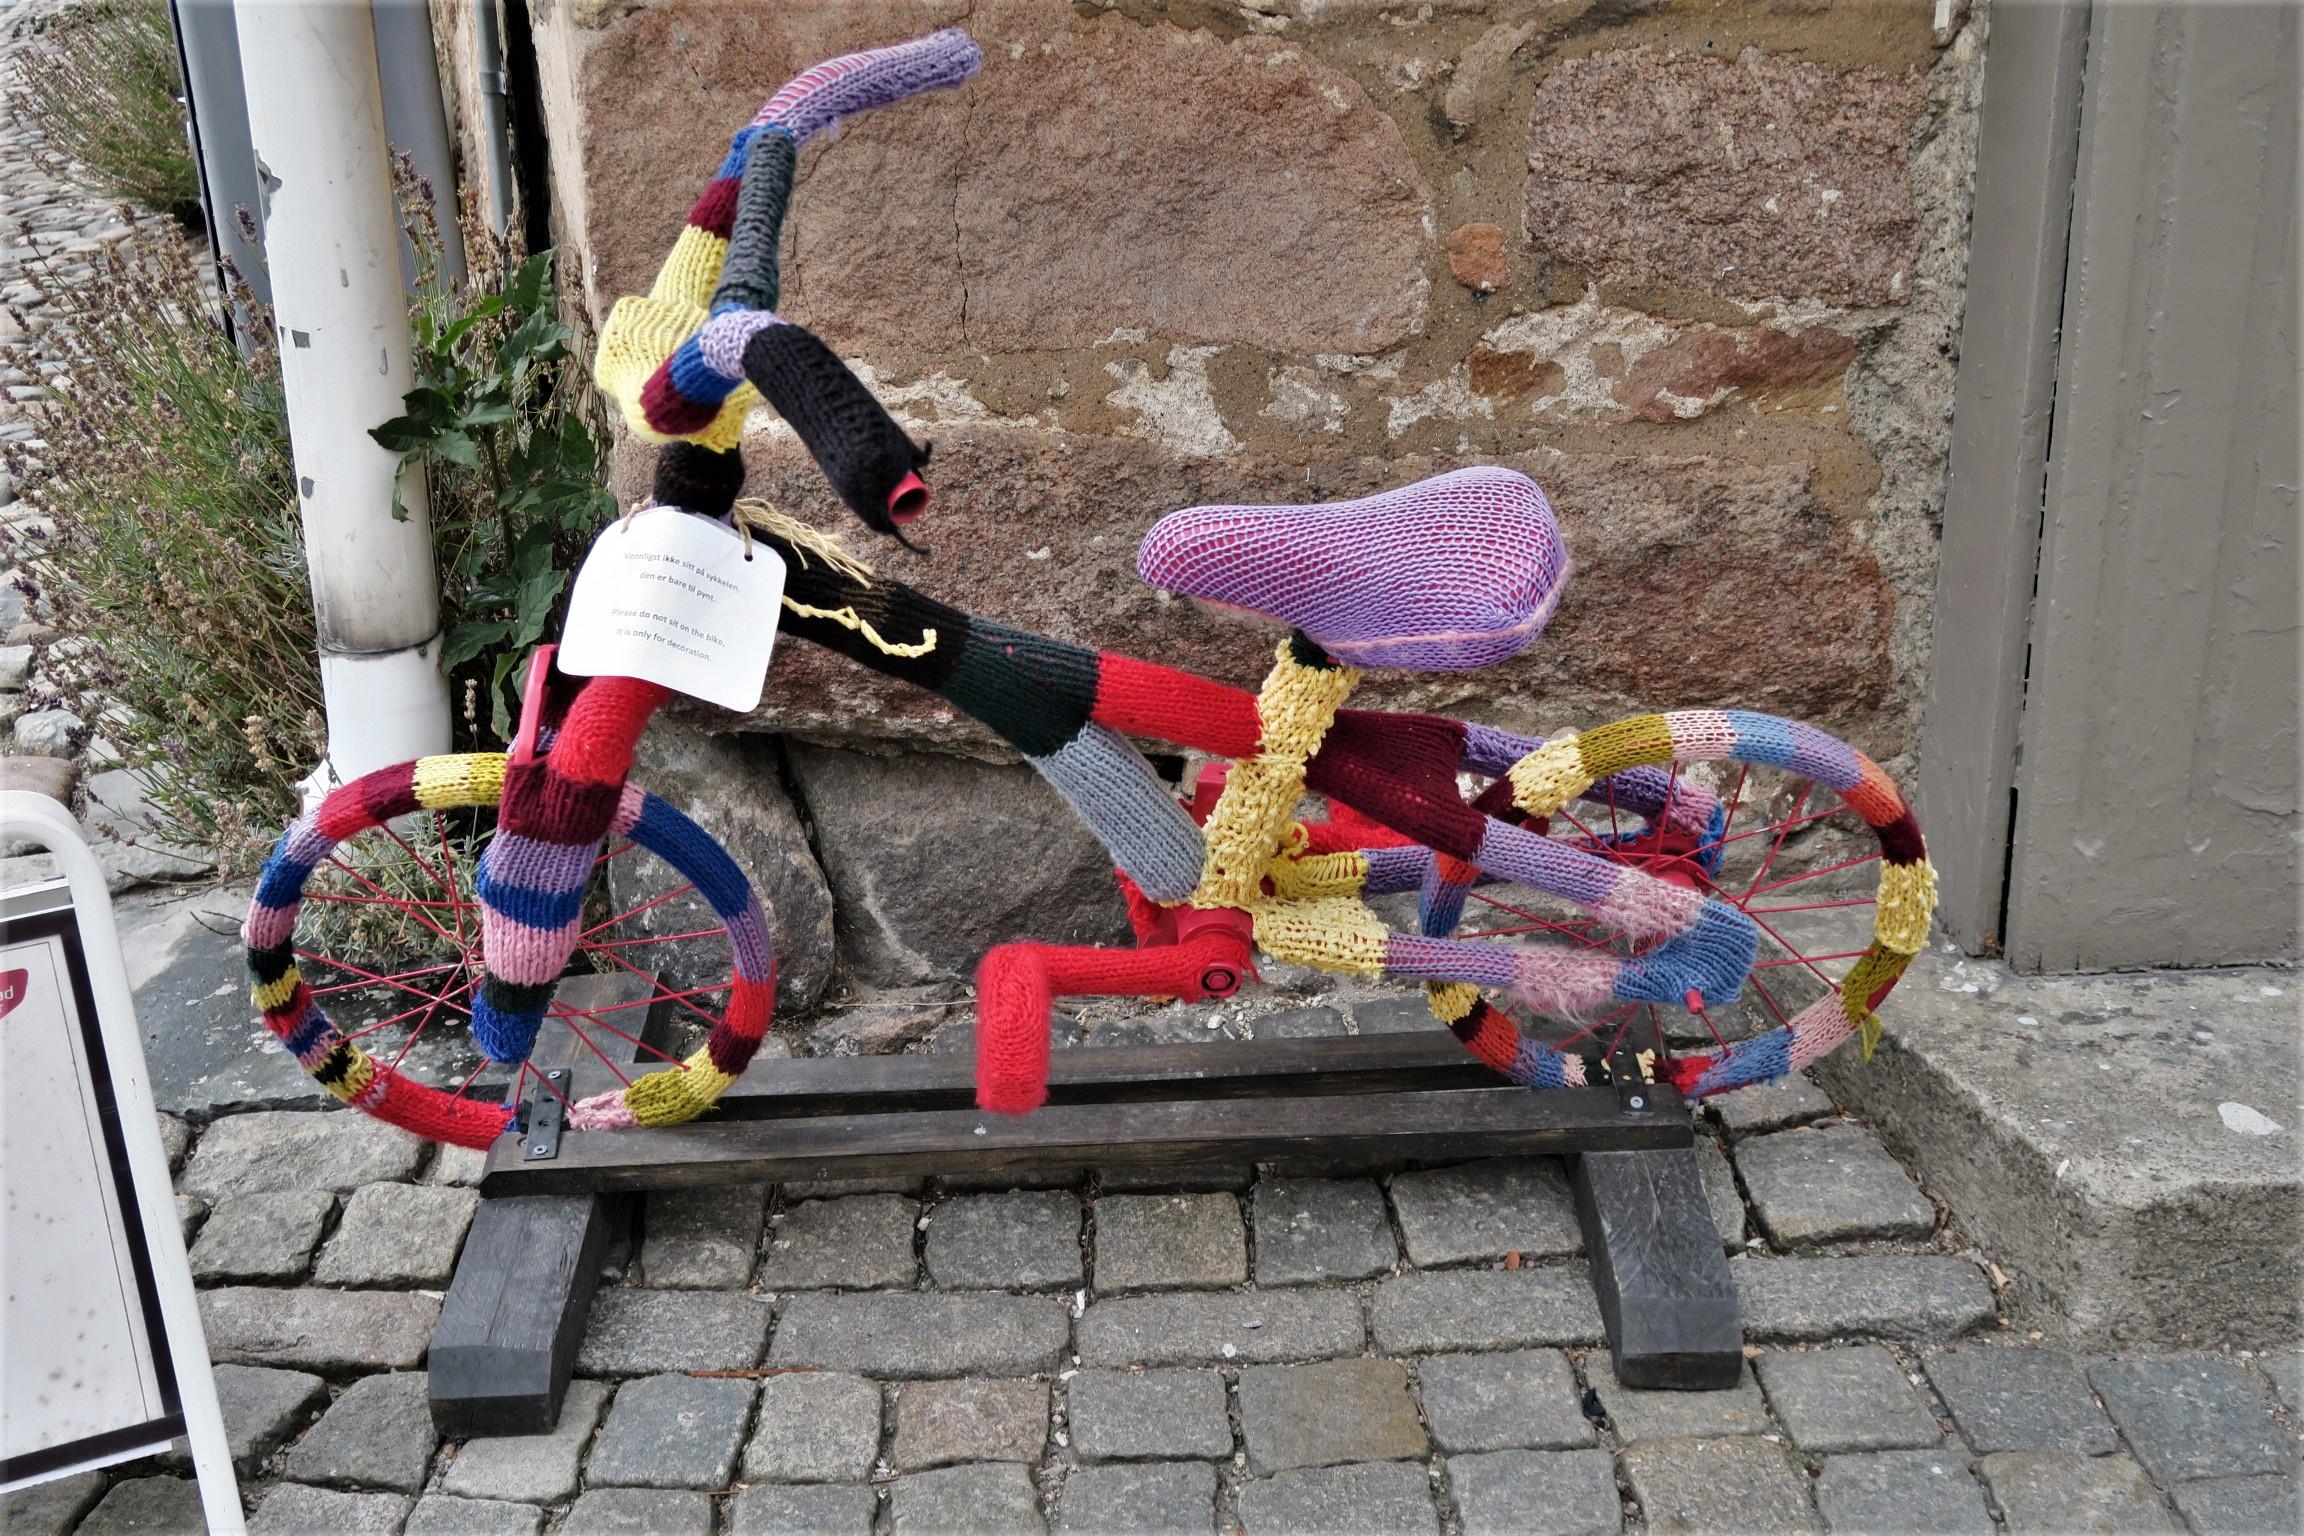 Sur l'étiquette, il est expliqué que le vélo n'est pas à vendre. C'est de la décoration .